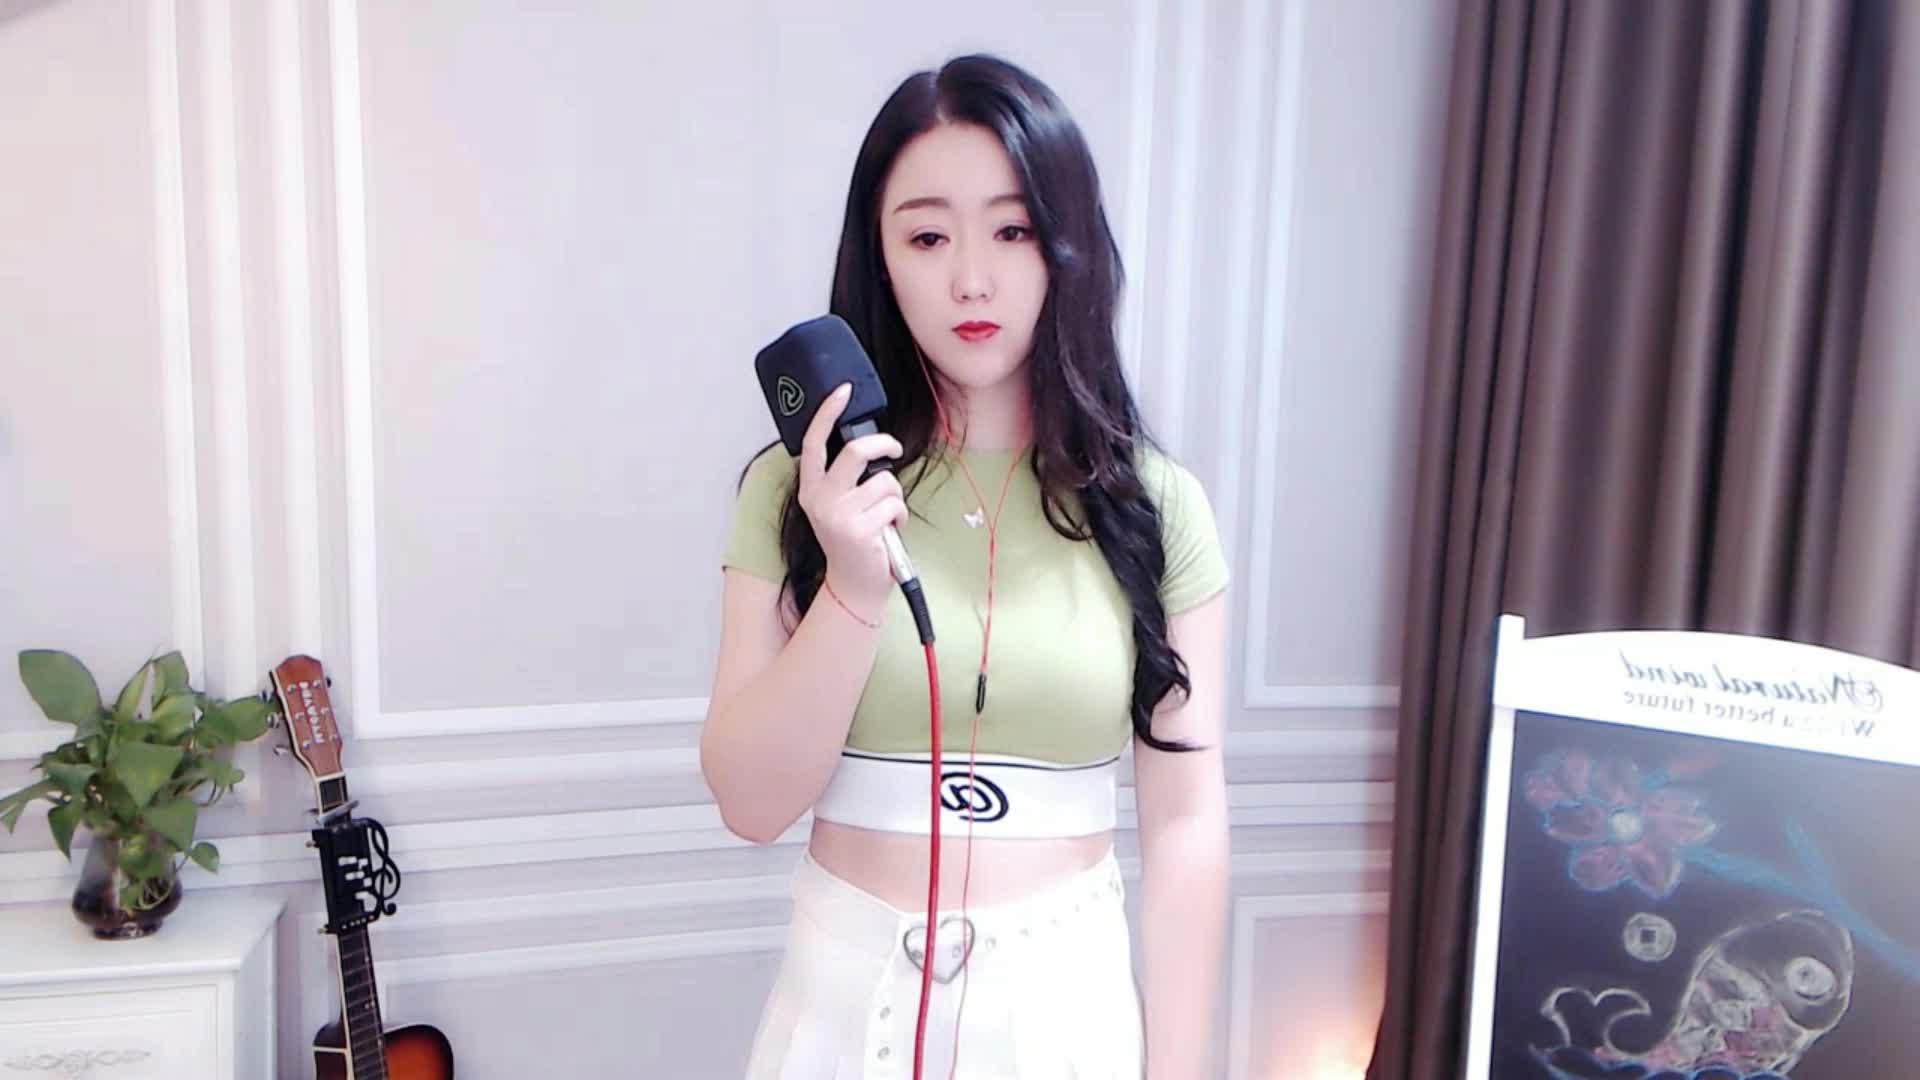 舞帝?.小熙若 - 你一定要幸福2019.08.15